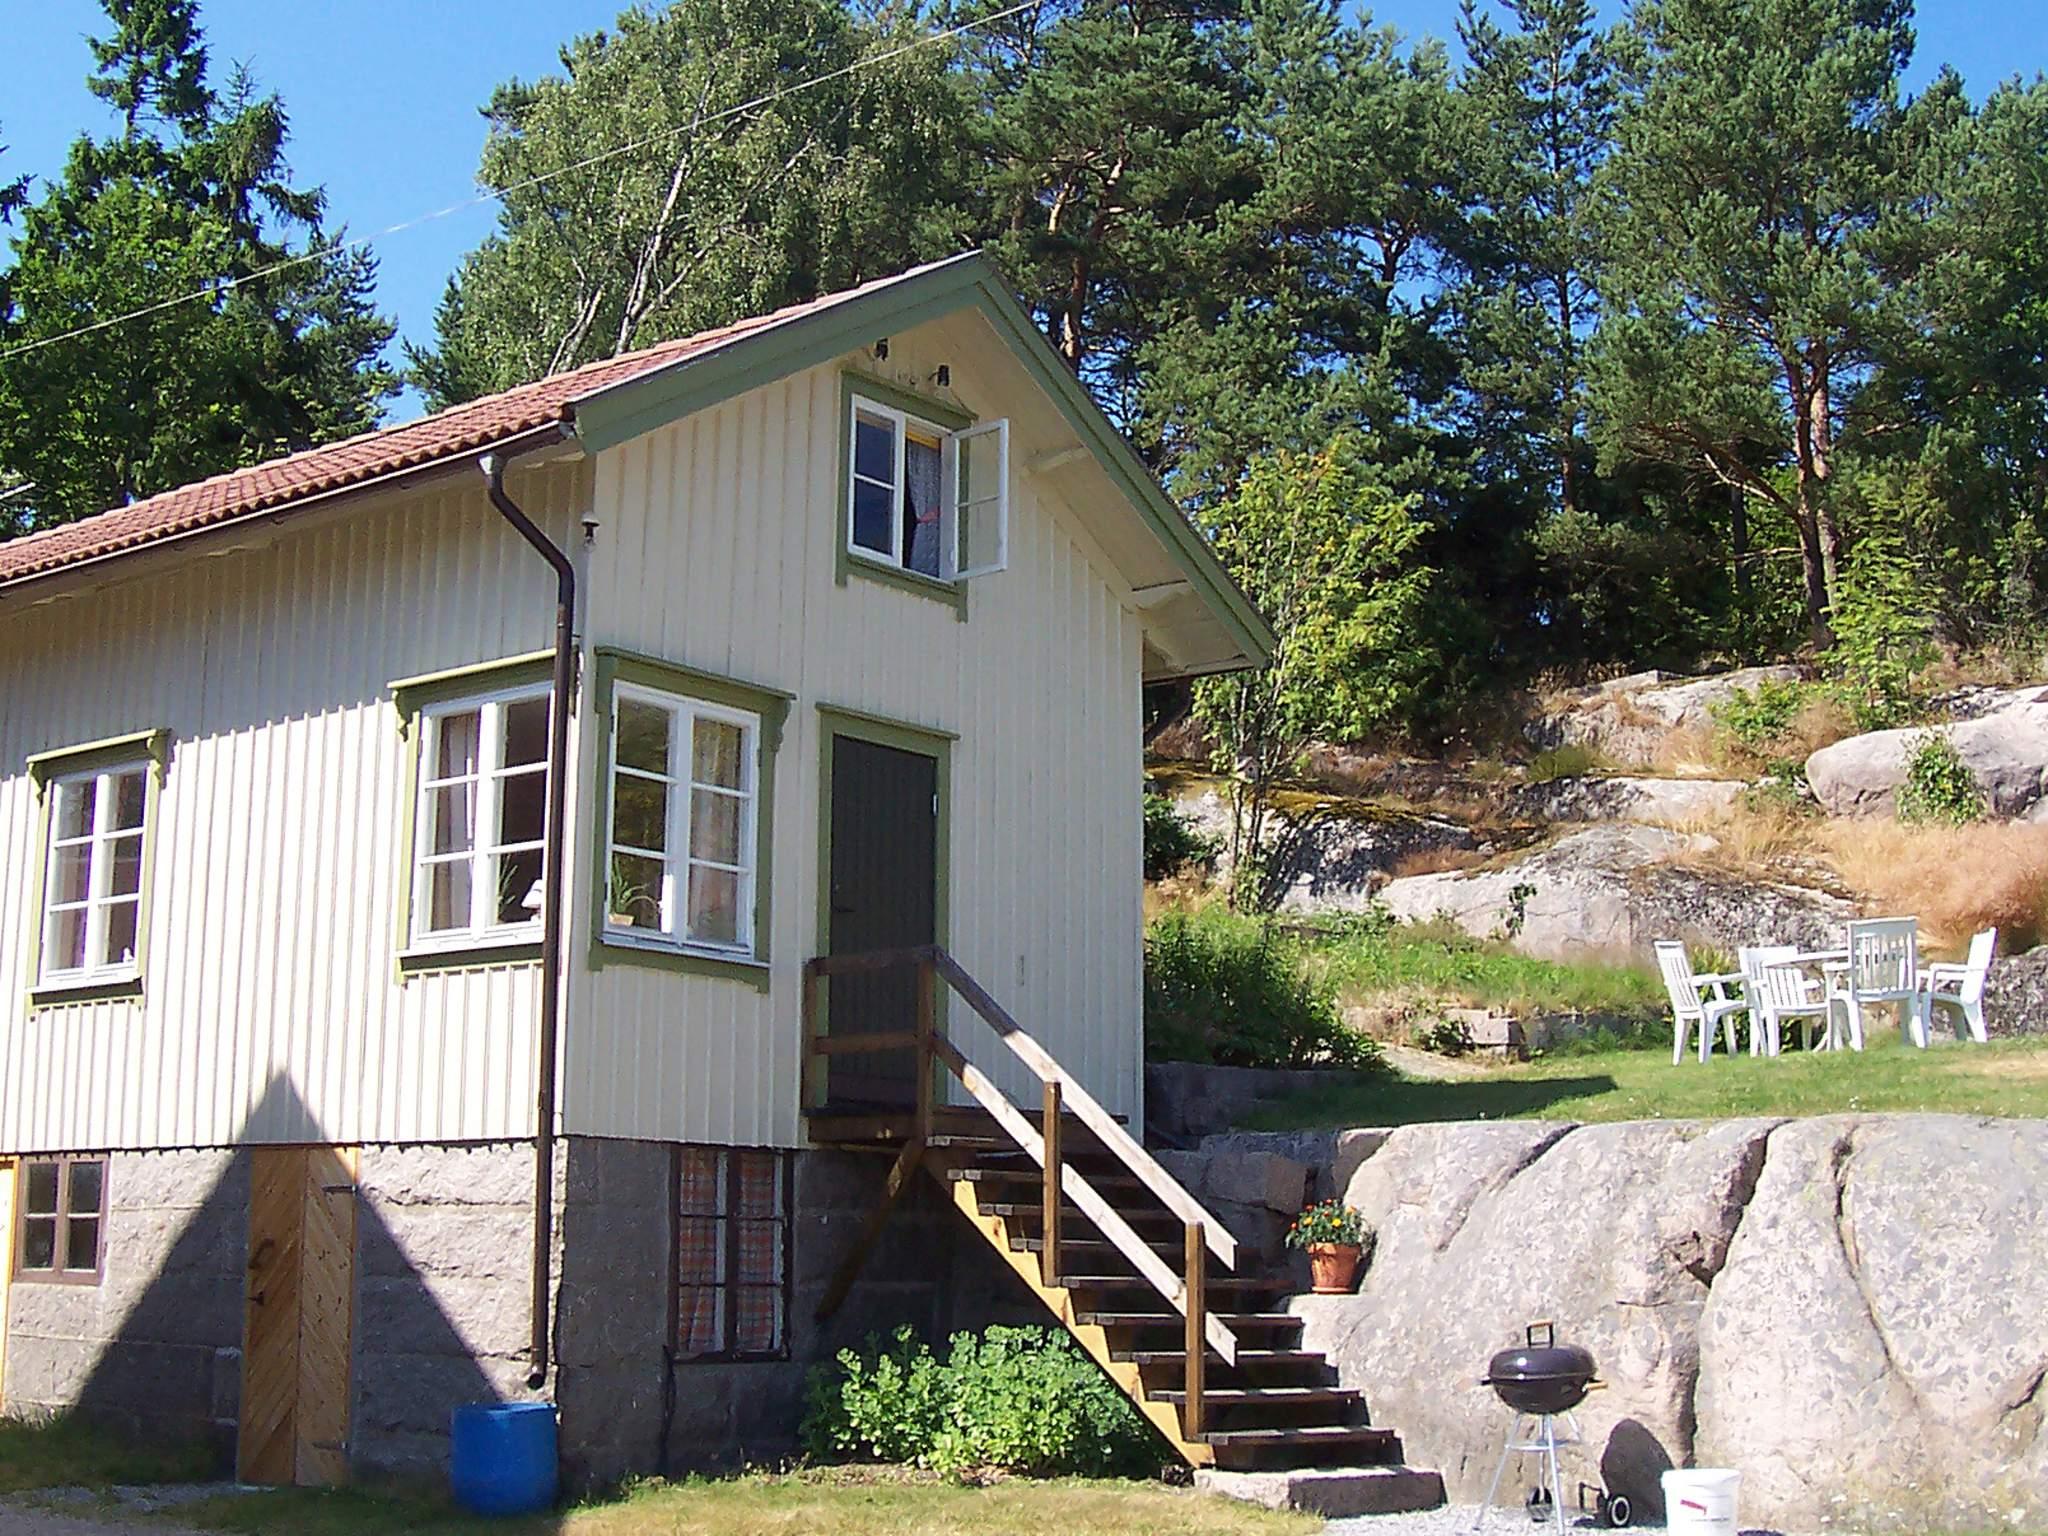 Ferienhaus Rished (124439), Kungshamn, Västra Götaland län, Westschweden, Schweden, Bild 10